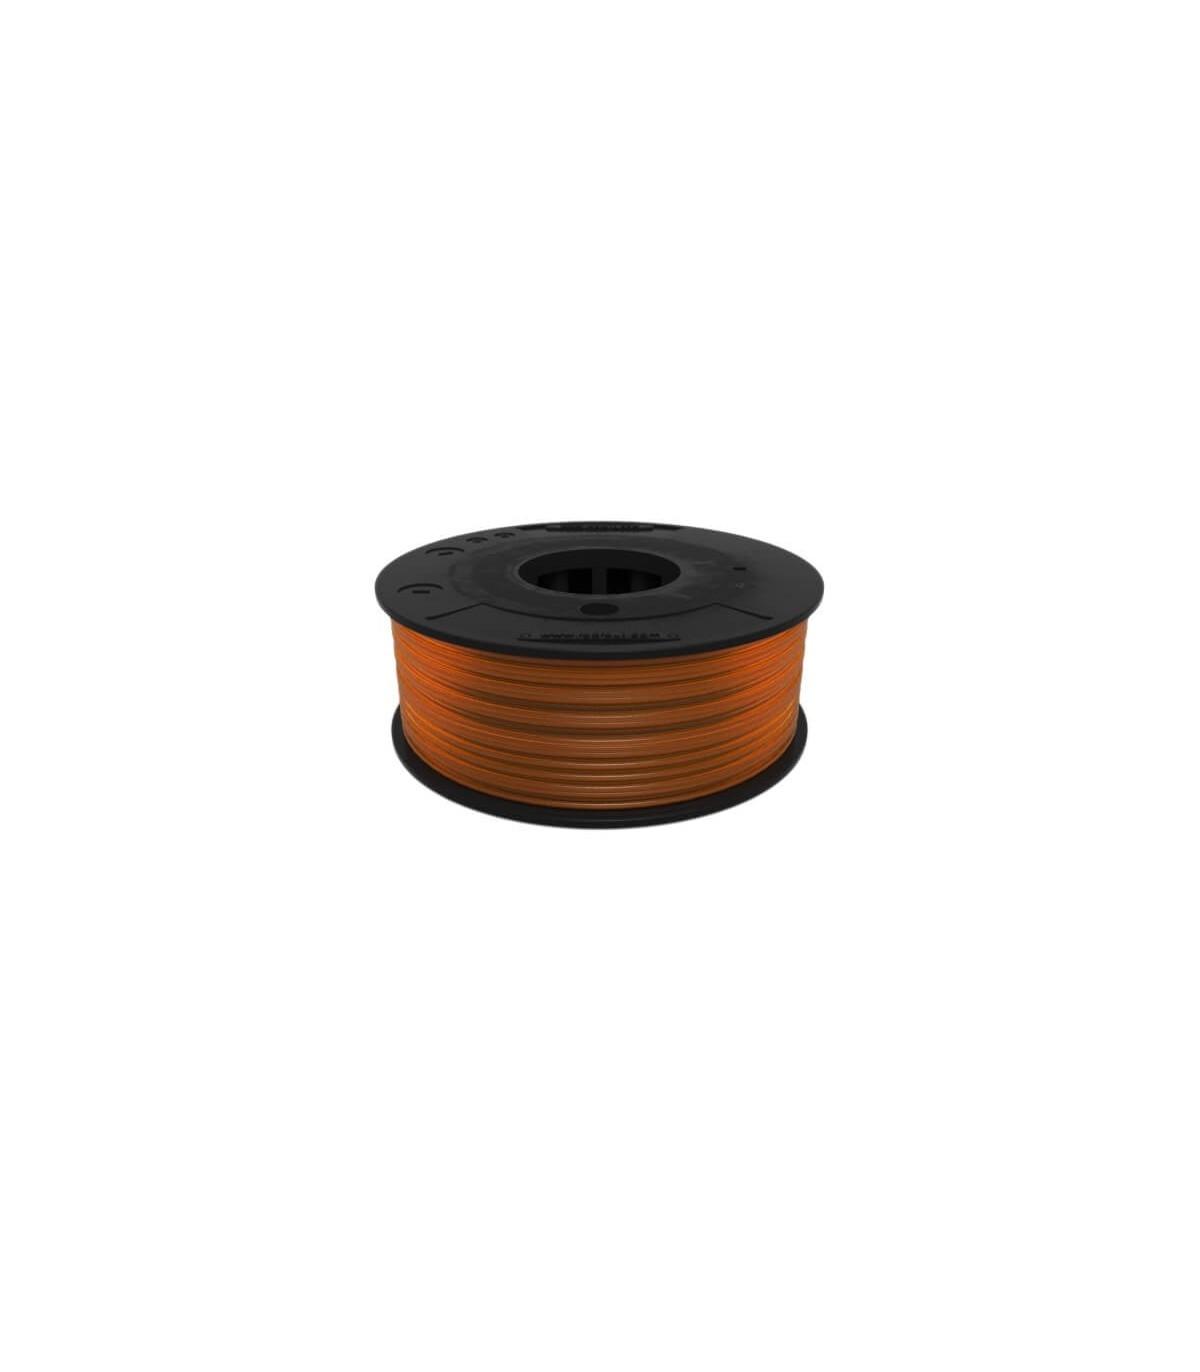 FilaFlex Clear orange 82A TPE Filament 2.85 mm 250g